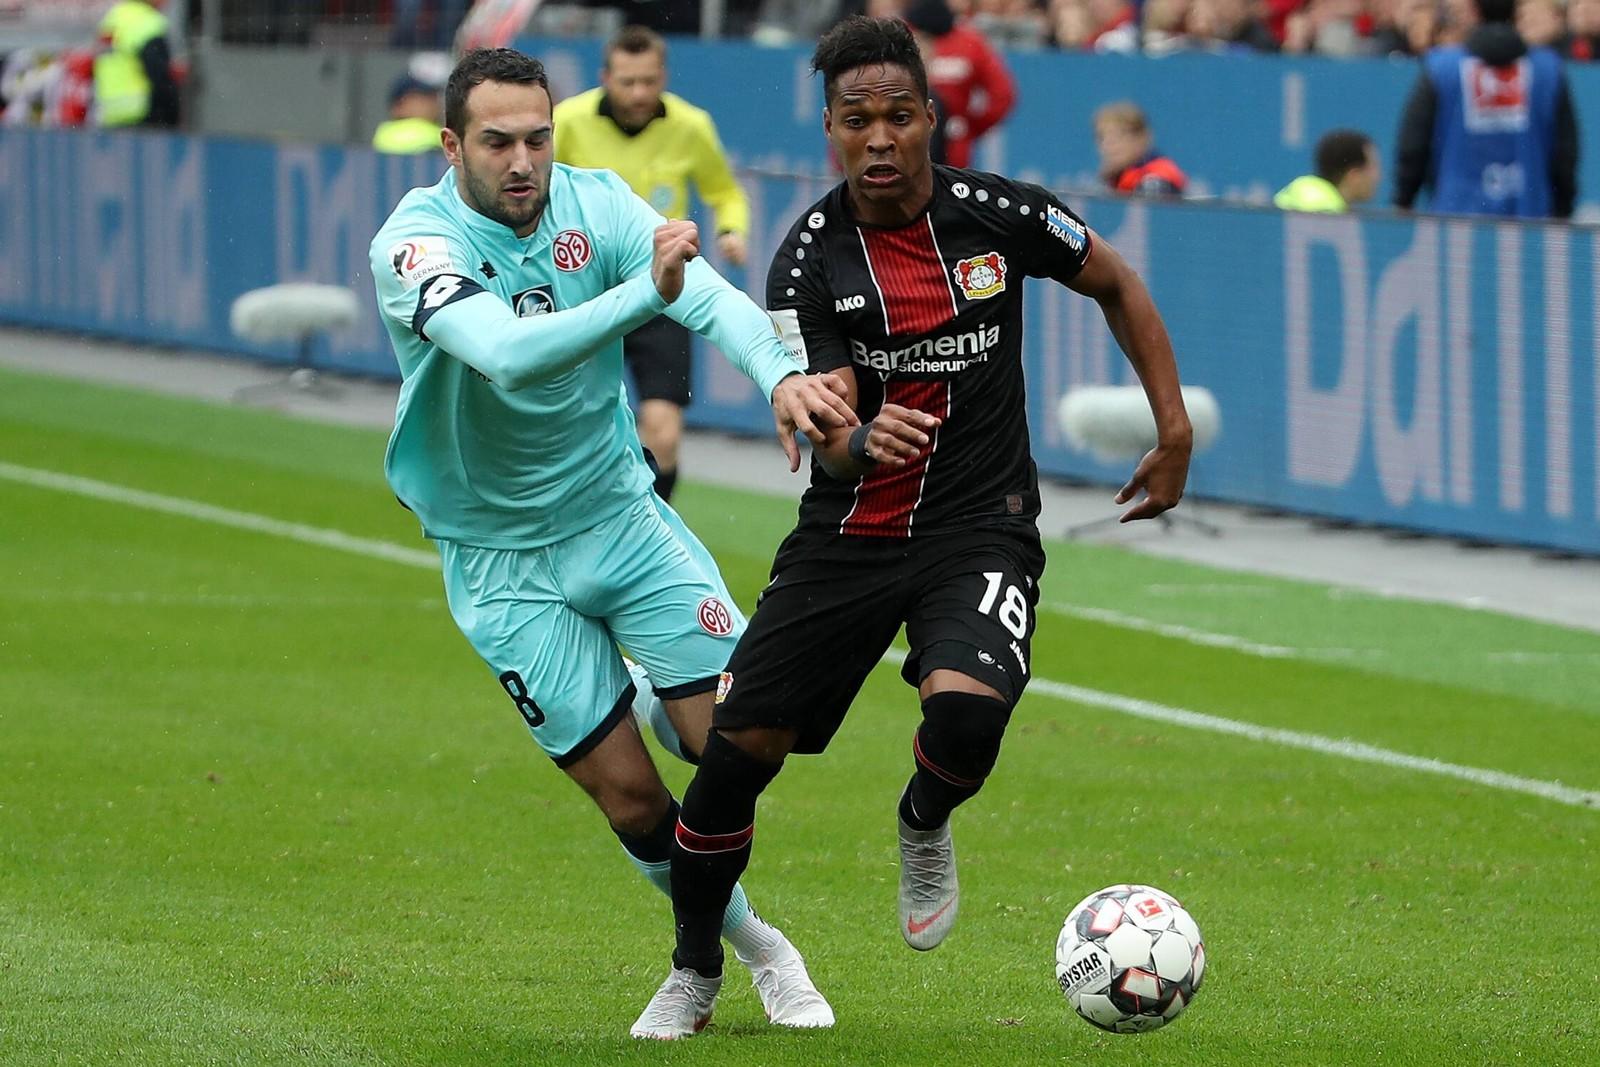 Kann Wendell mit Leverkusen wieder überzeugen? Jetzt auf Mainz gegen Leverkusen wetten!